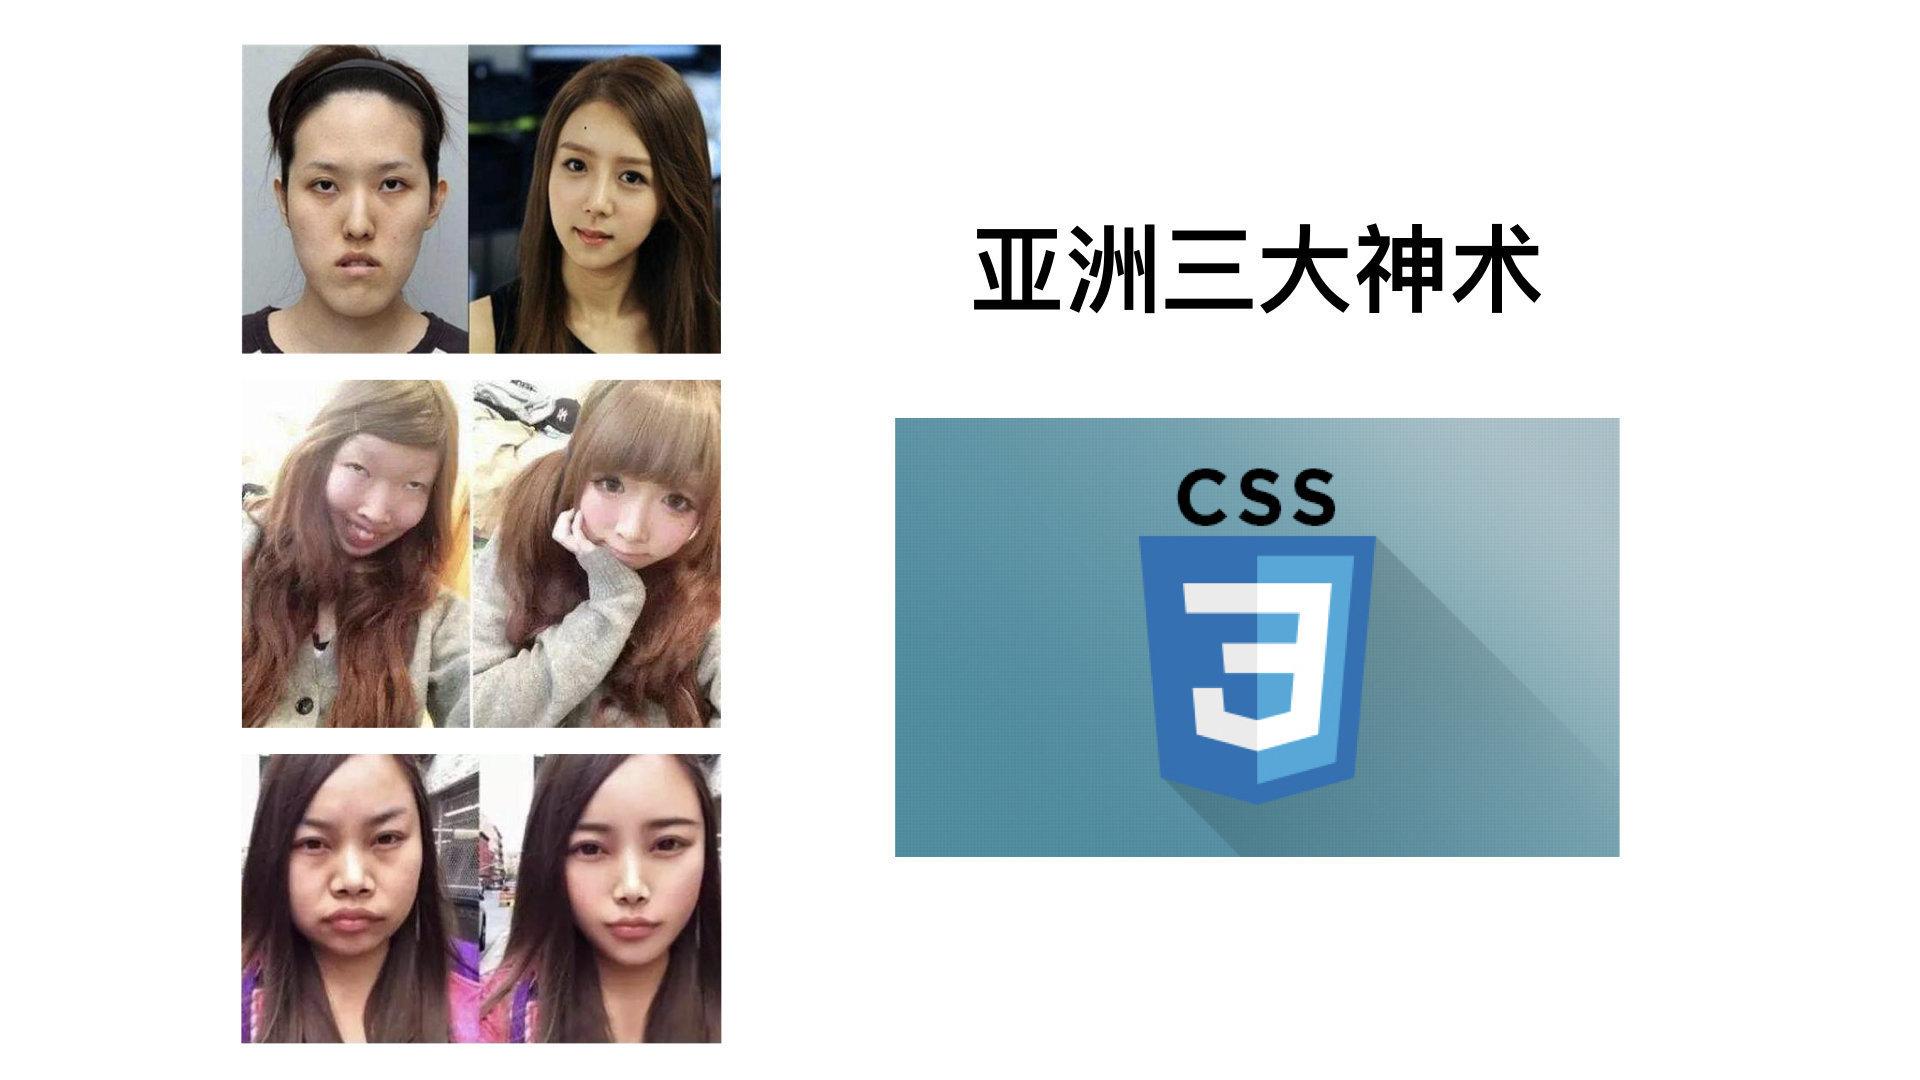 CSS是神术